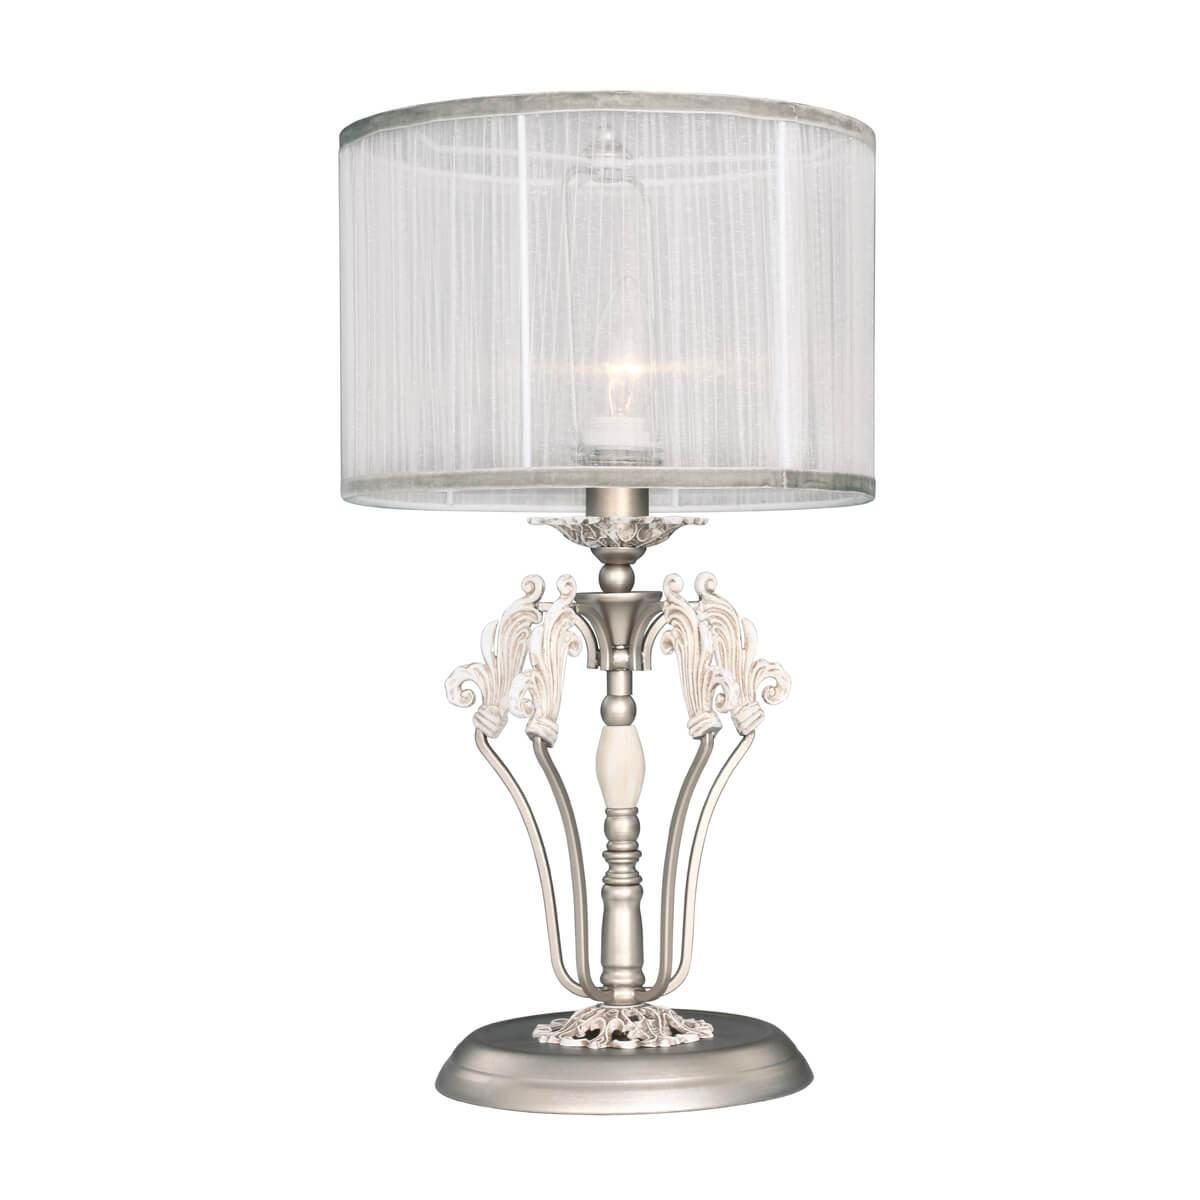 Настольная лампа Favourite 2306-1T Prima настольная лампа favourite 1897 1t